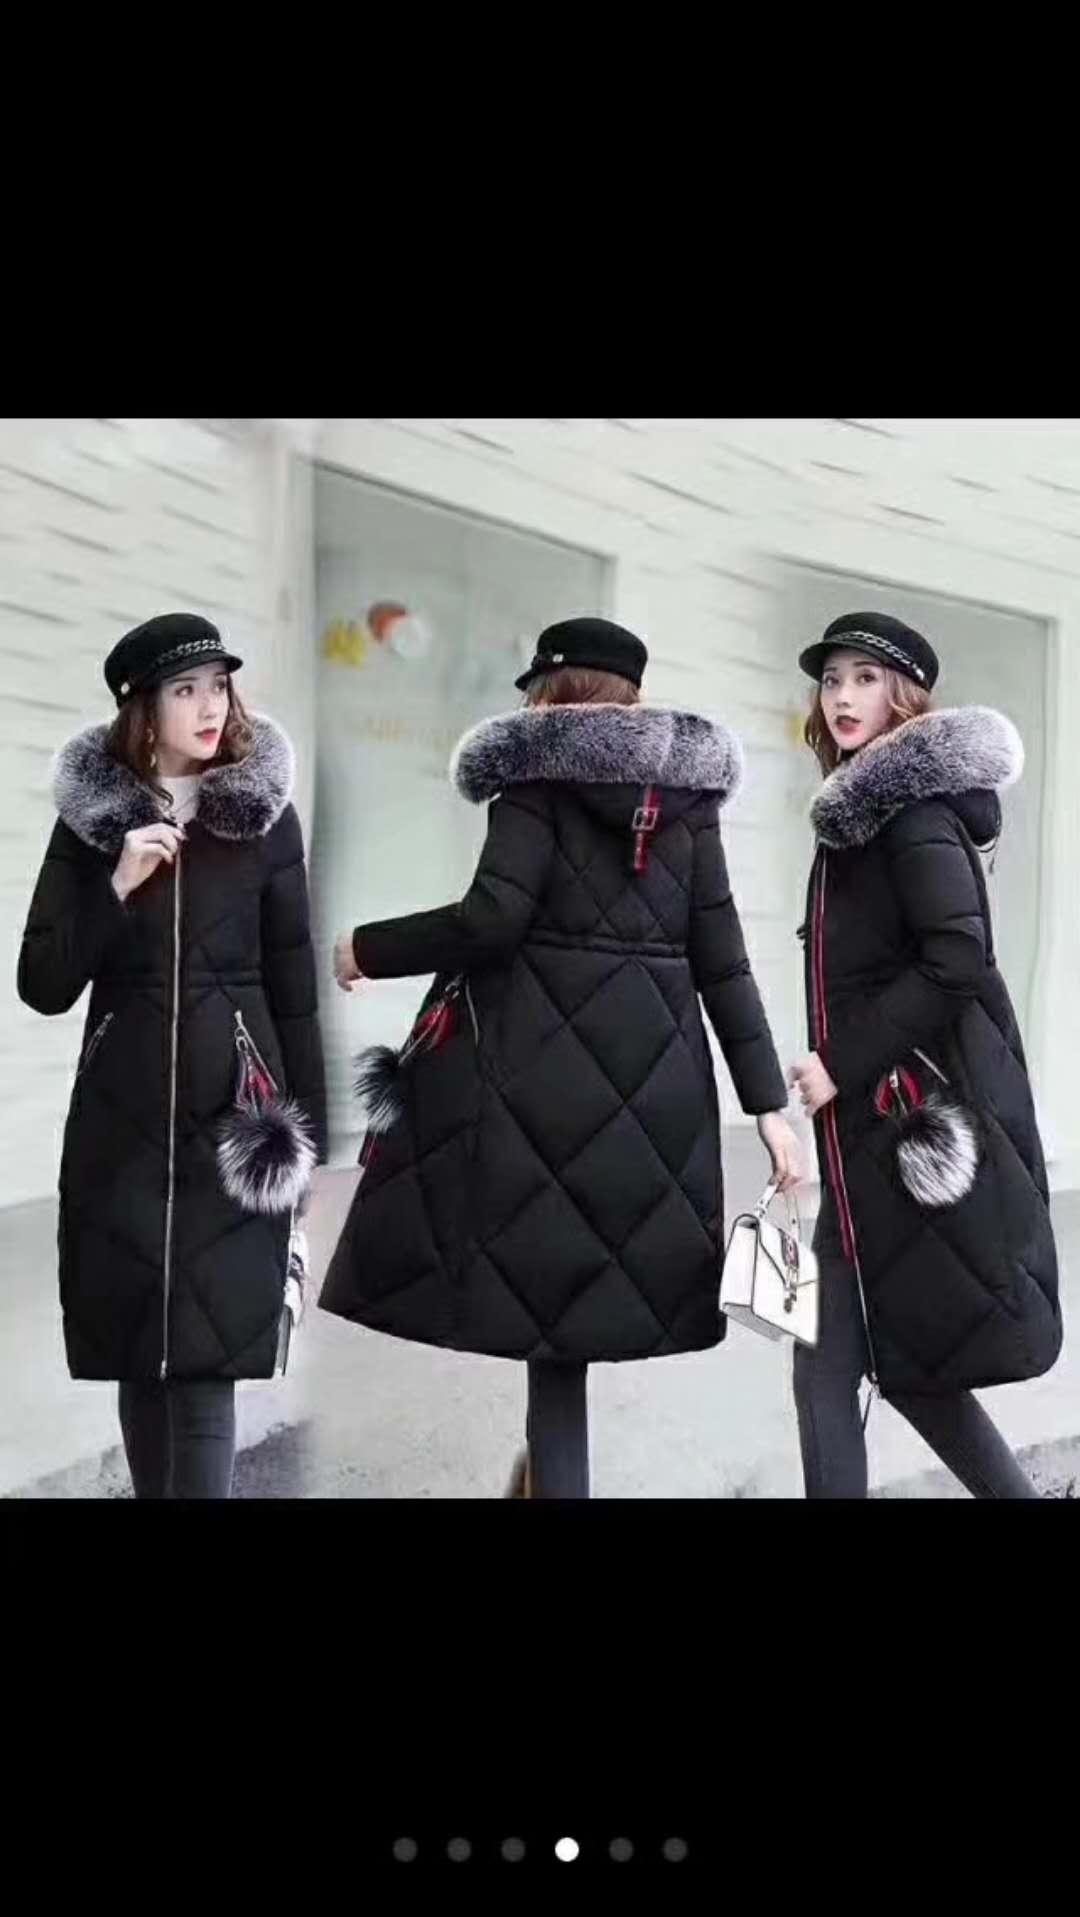 外单毛织产品,其中以杂款为主,价格优惠,质量保证!与时尚同步